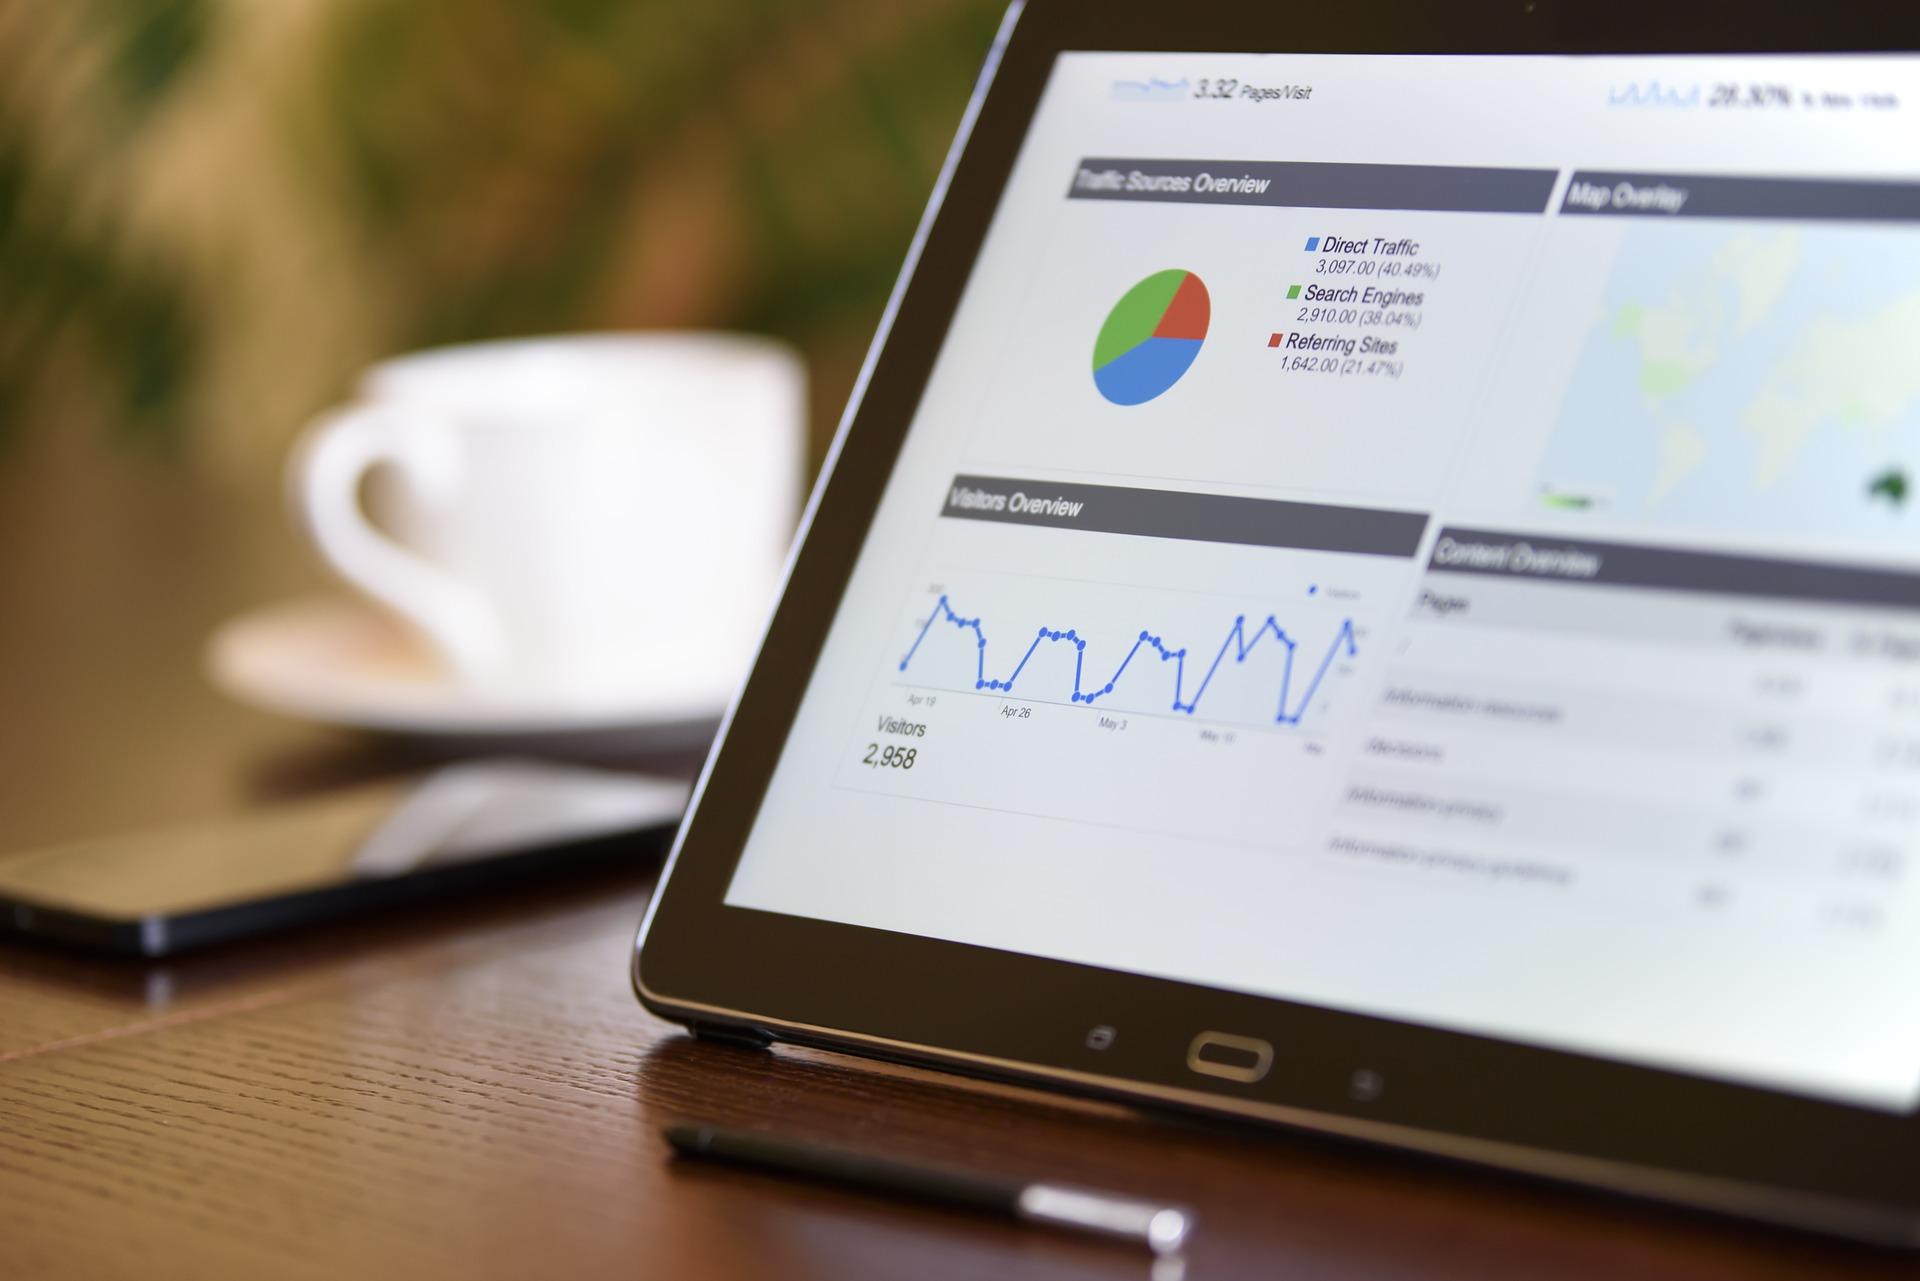 Le marketing est indispensable pour lancer son business en ligne en Dropshipping sur Shopify. Pour cela, il existe des applications de relance panier et de mailing